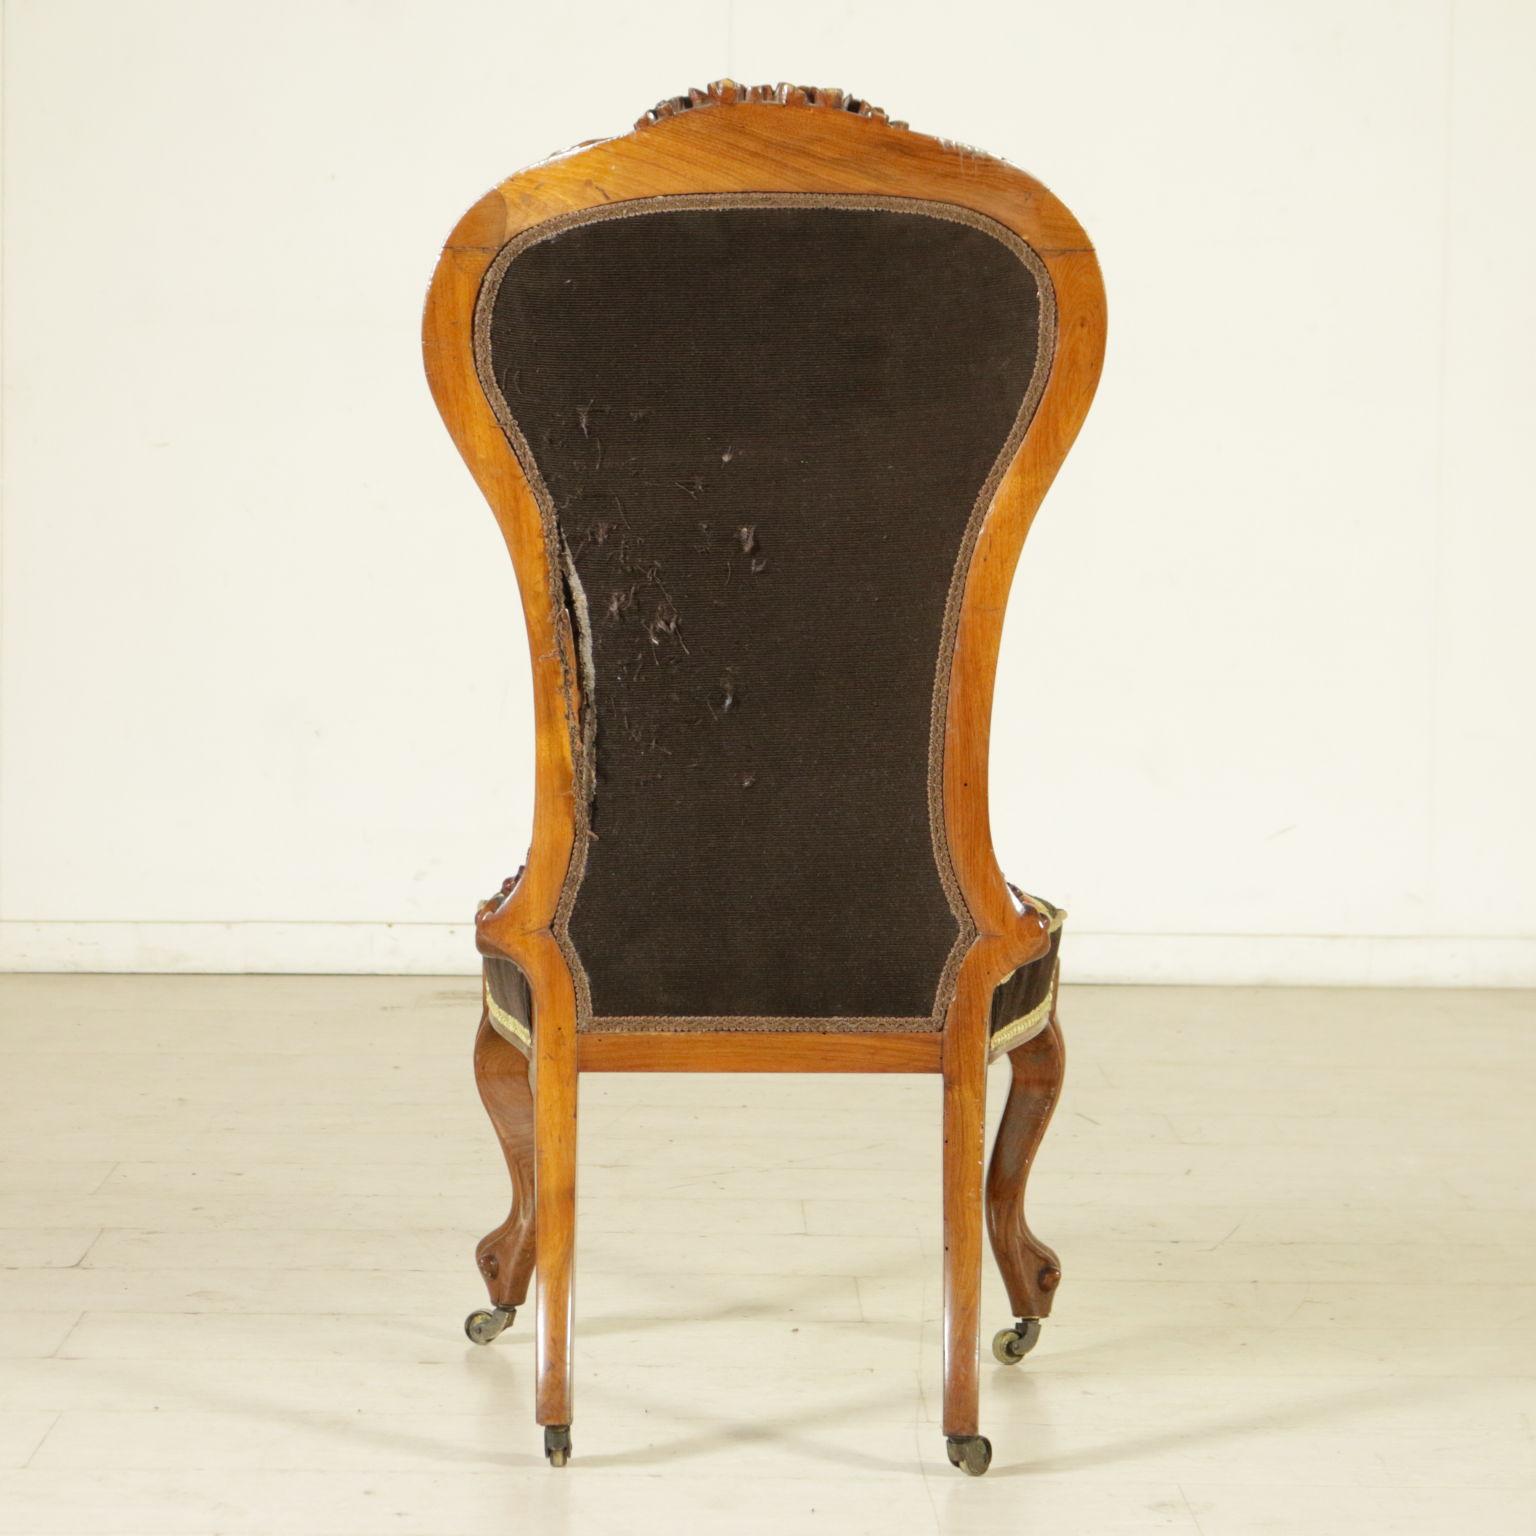 Stuhl französisch StühlenSesselnSofas Stuhl StühlenSesselnSofas französisch französisch Stuhl Stuhl auf auf StühlenSesselnSofas auf Yybf76gv